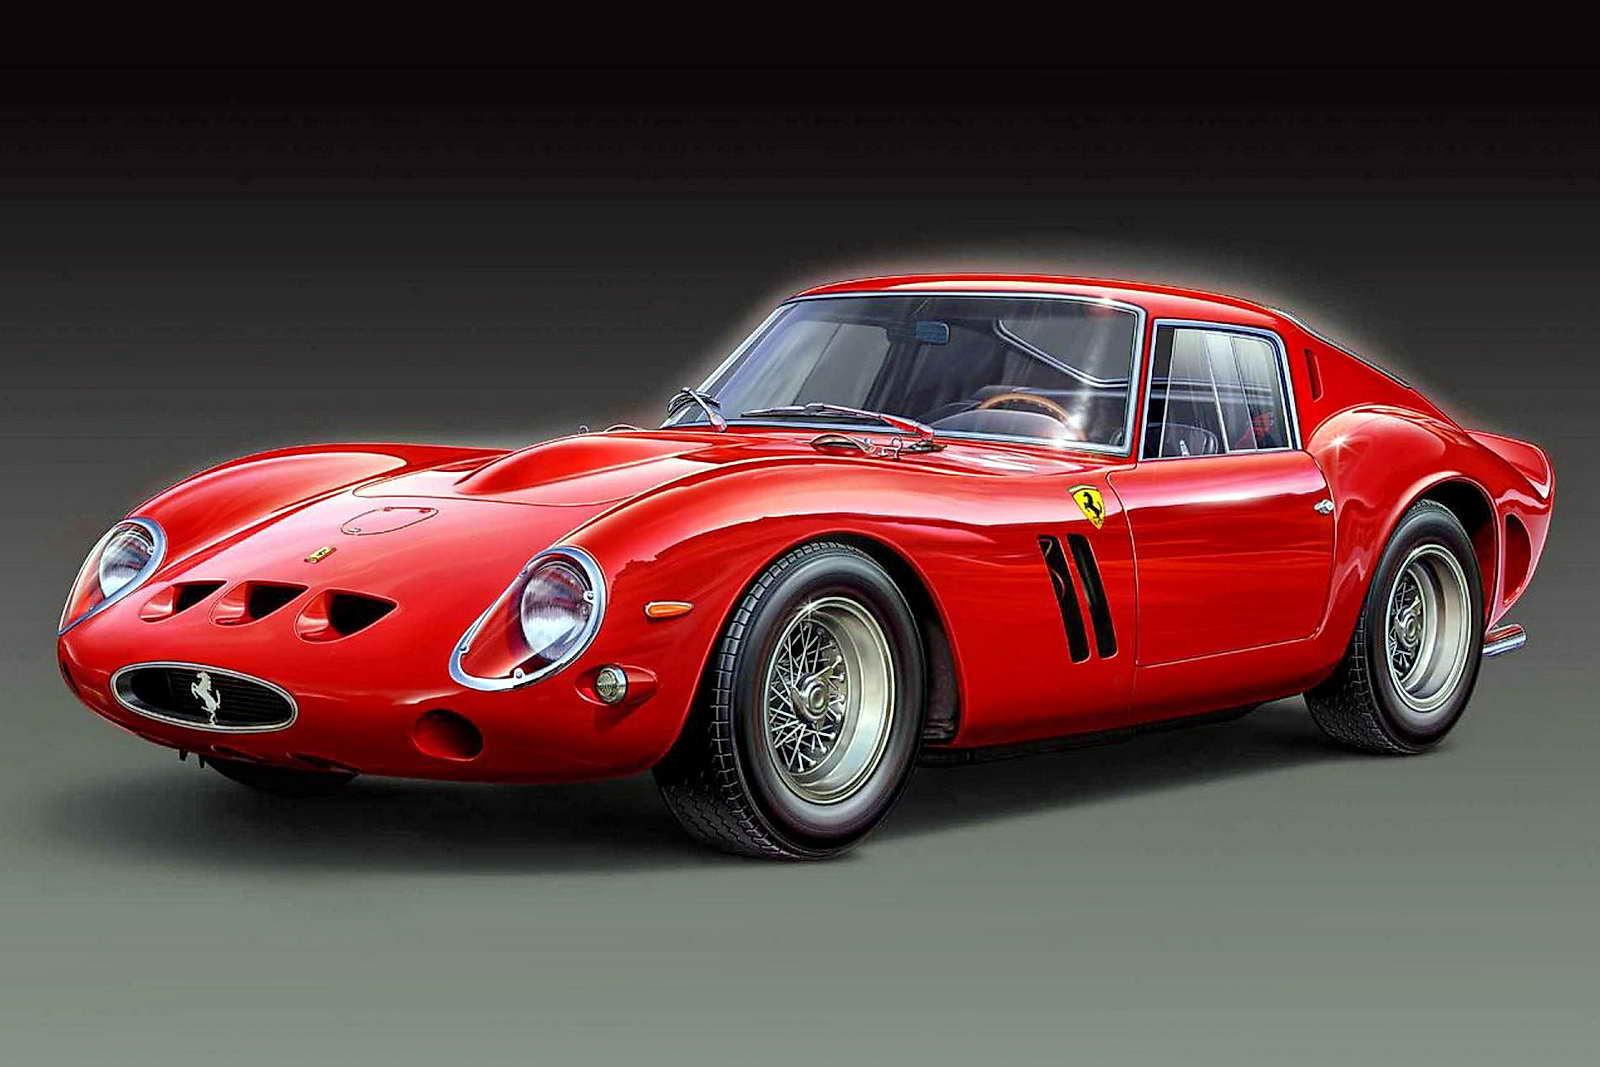 50 186 Aniversario Del Ferrari 250 Gto 1 3